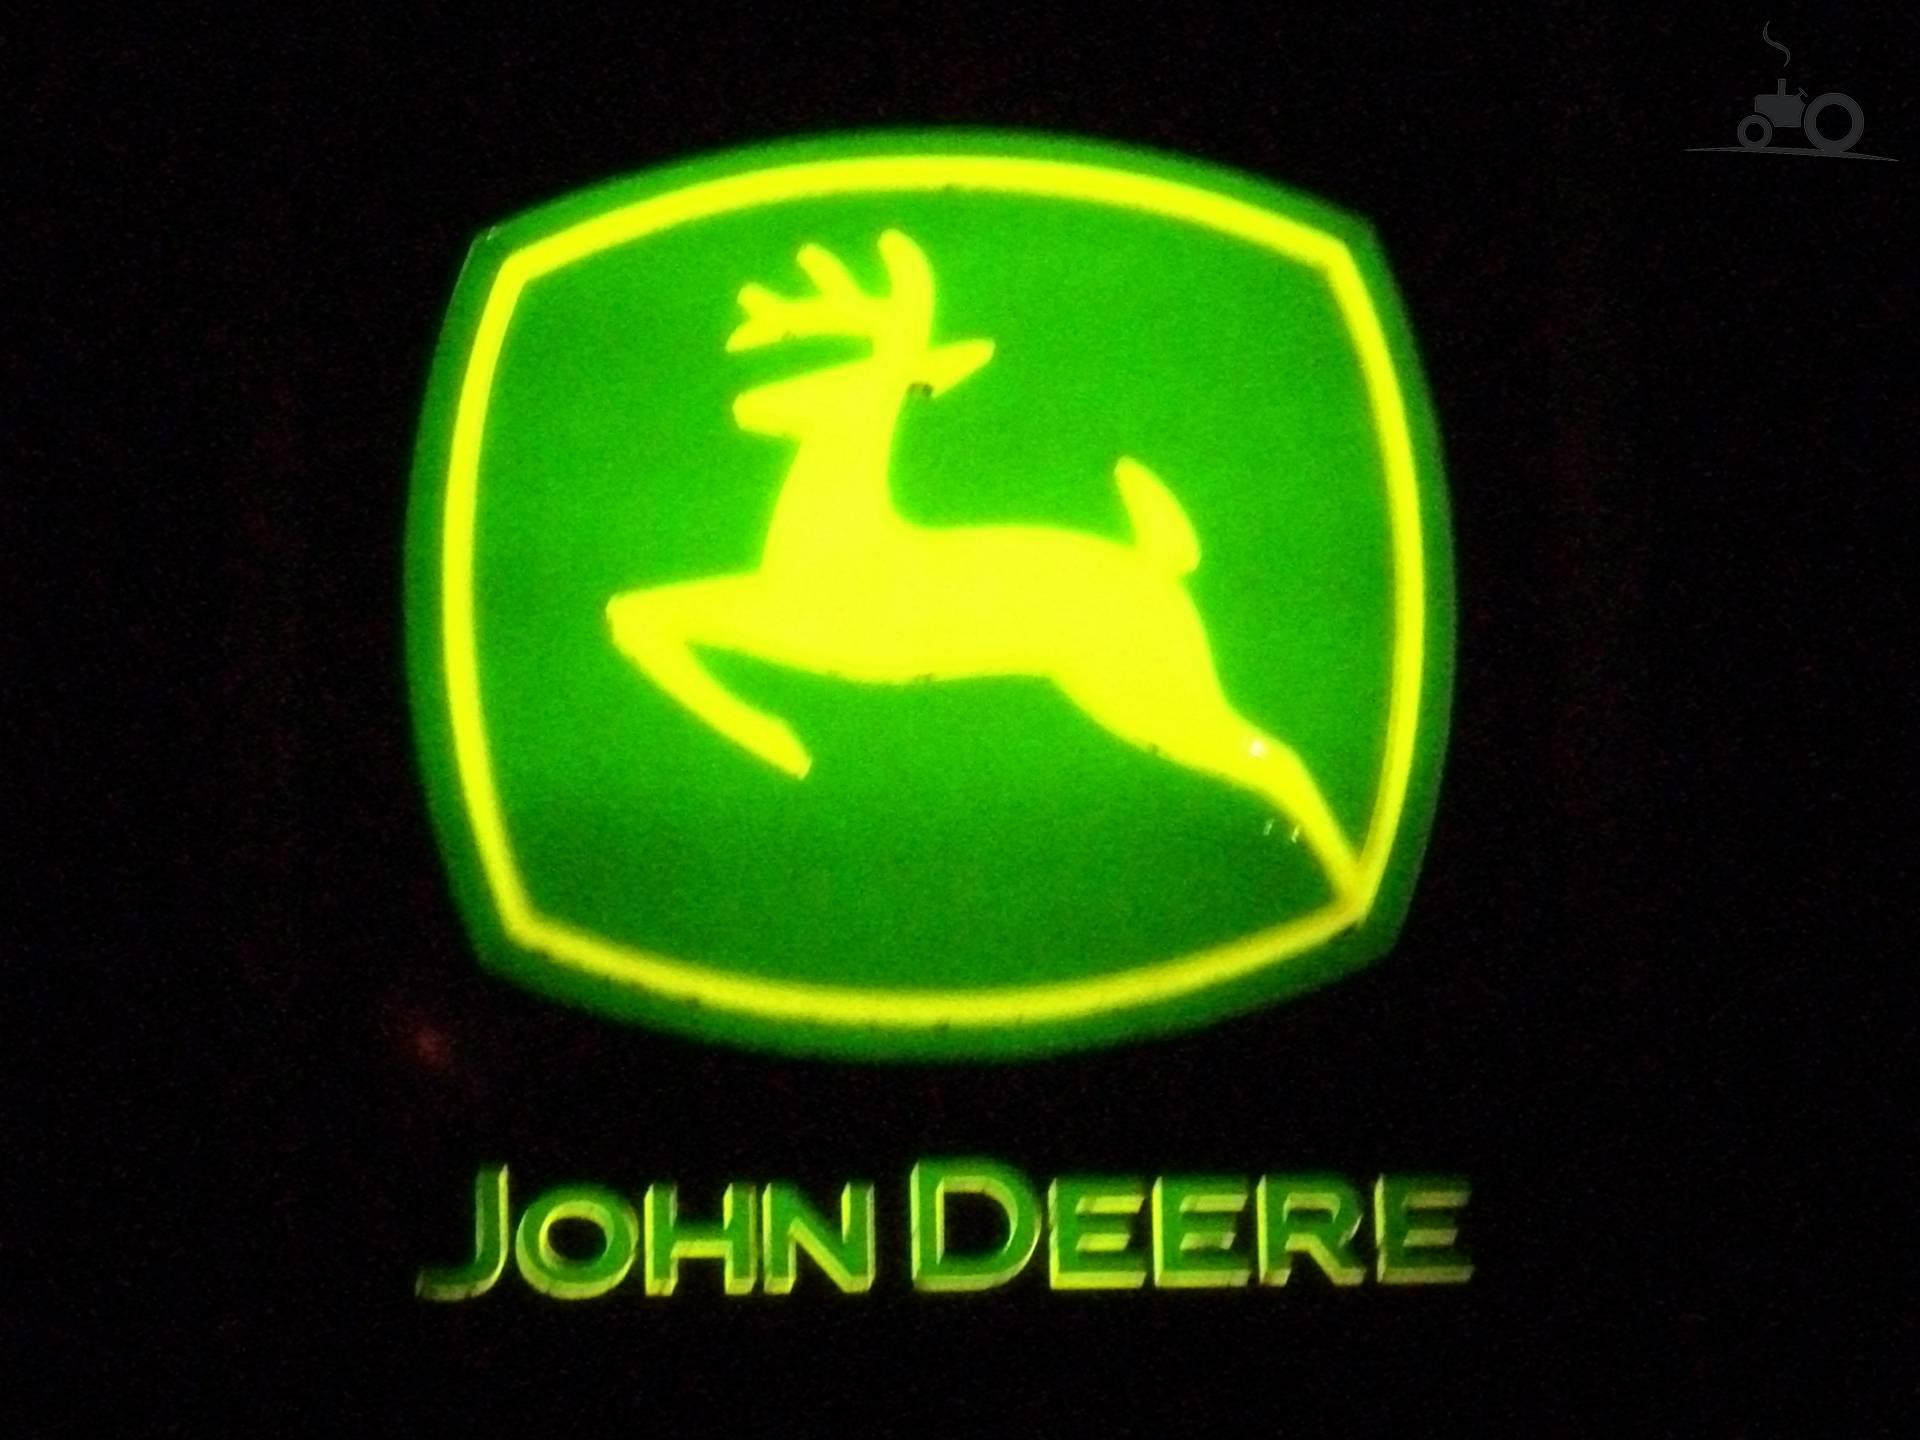 741474-logo-john-deere.jpg